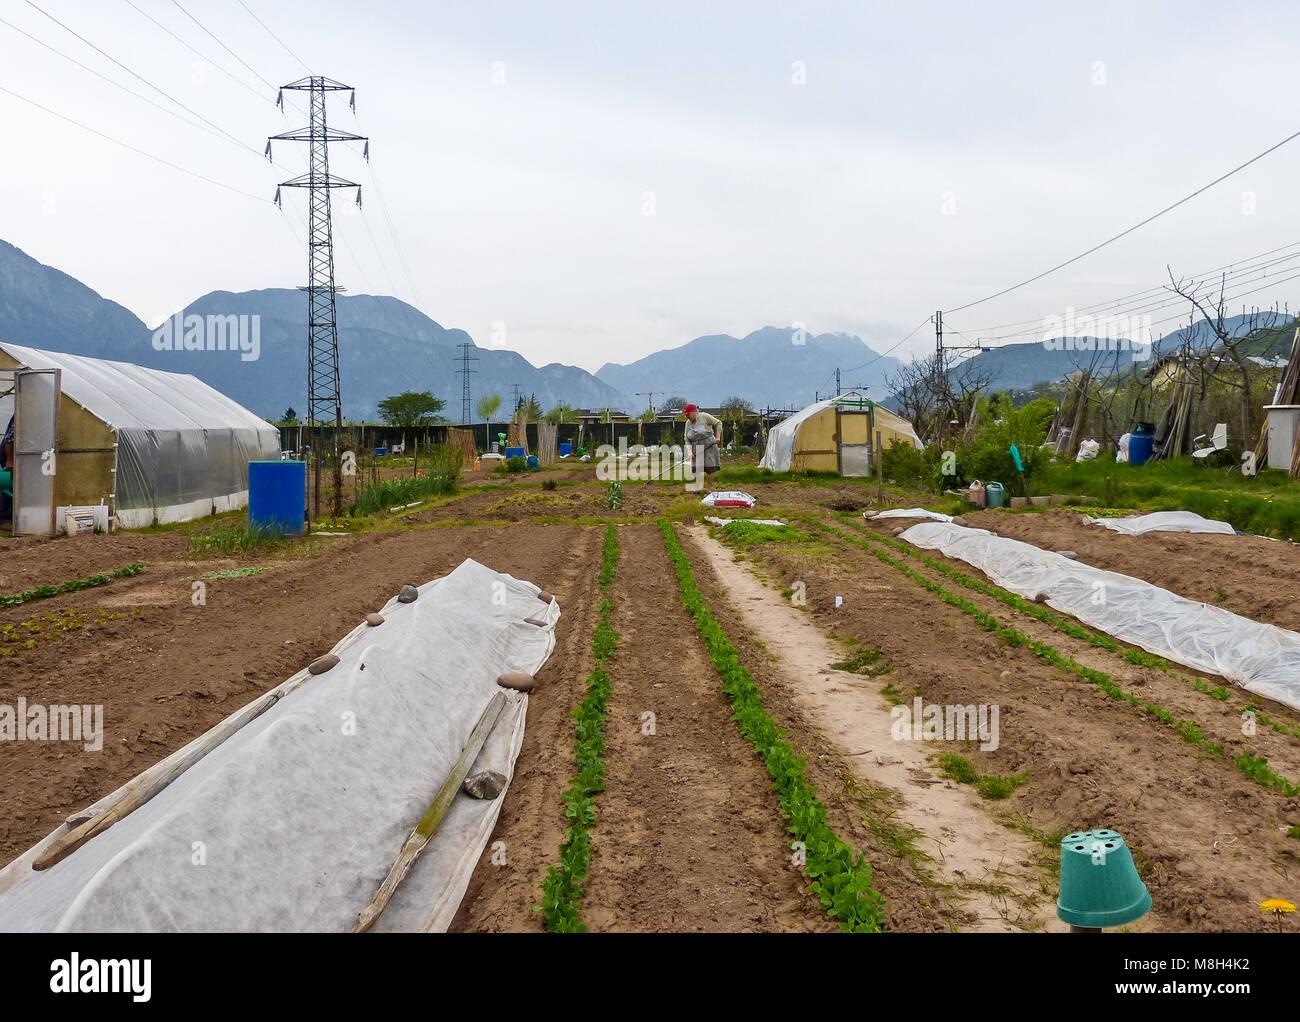 Giardini sociale (comunità) situato in uno spazio pubblico e assegnati alle persone anziane. Favorisce la socializzazione Immagini Stock